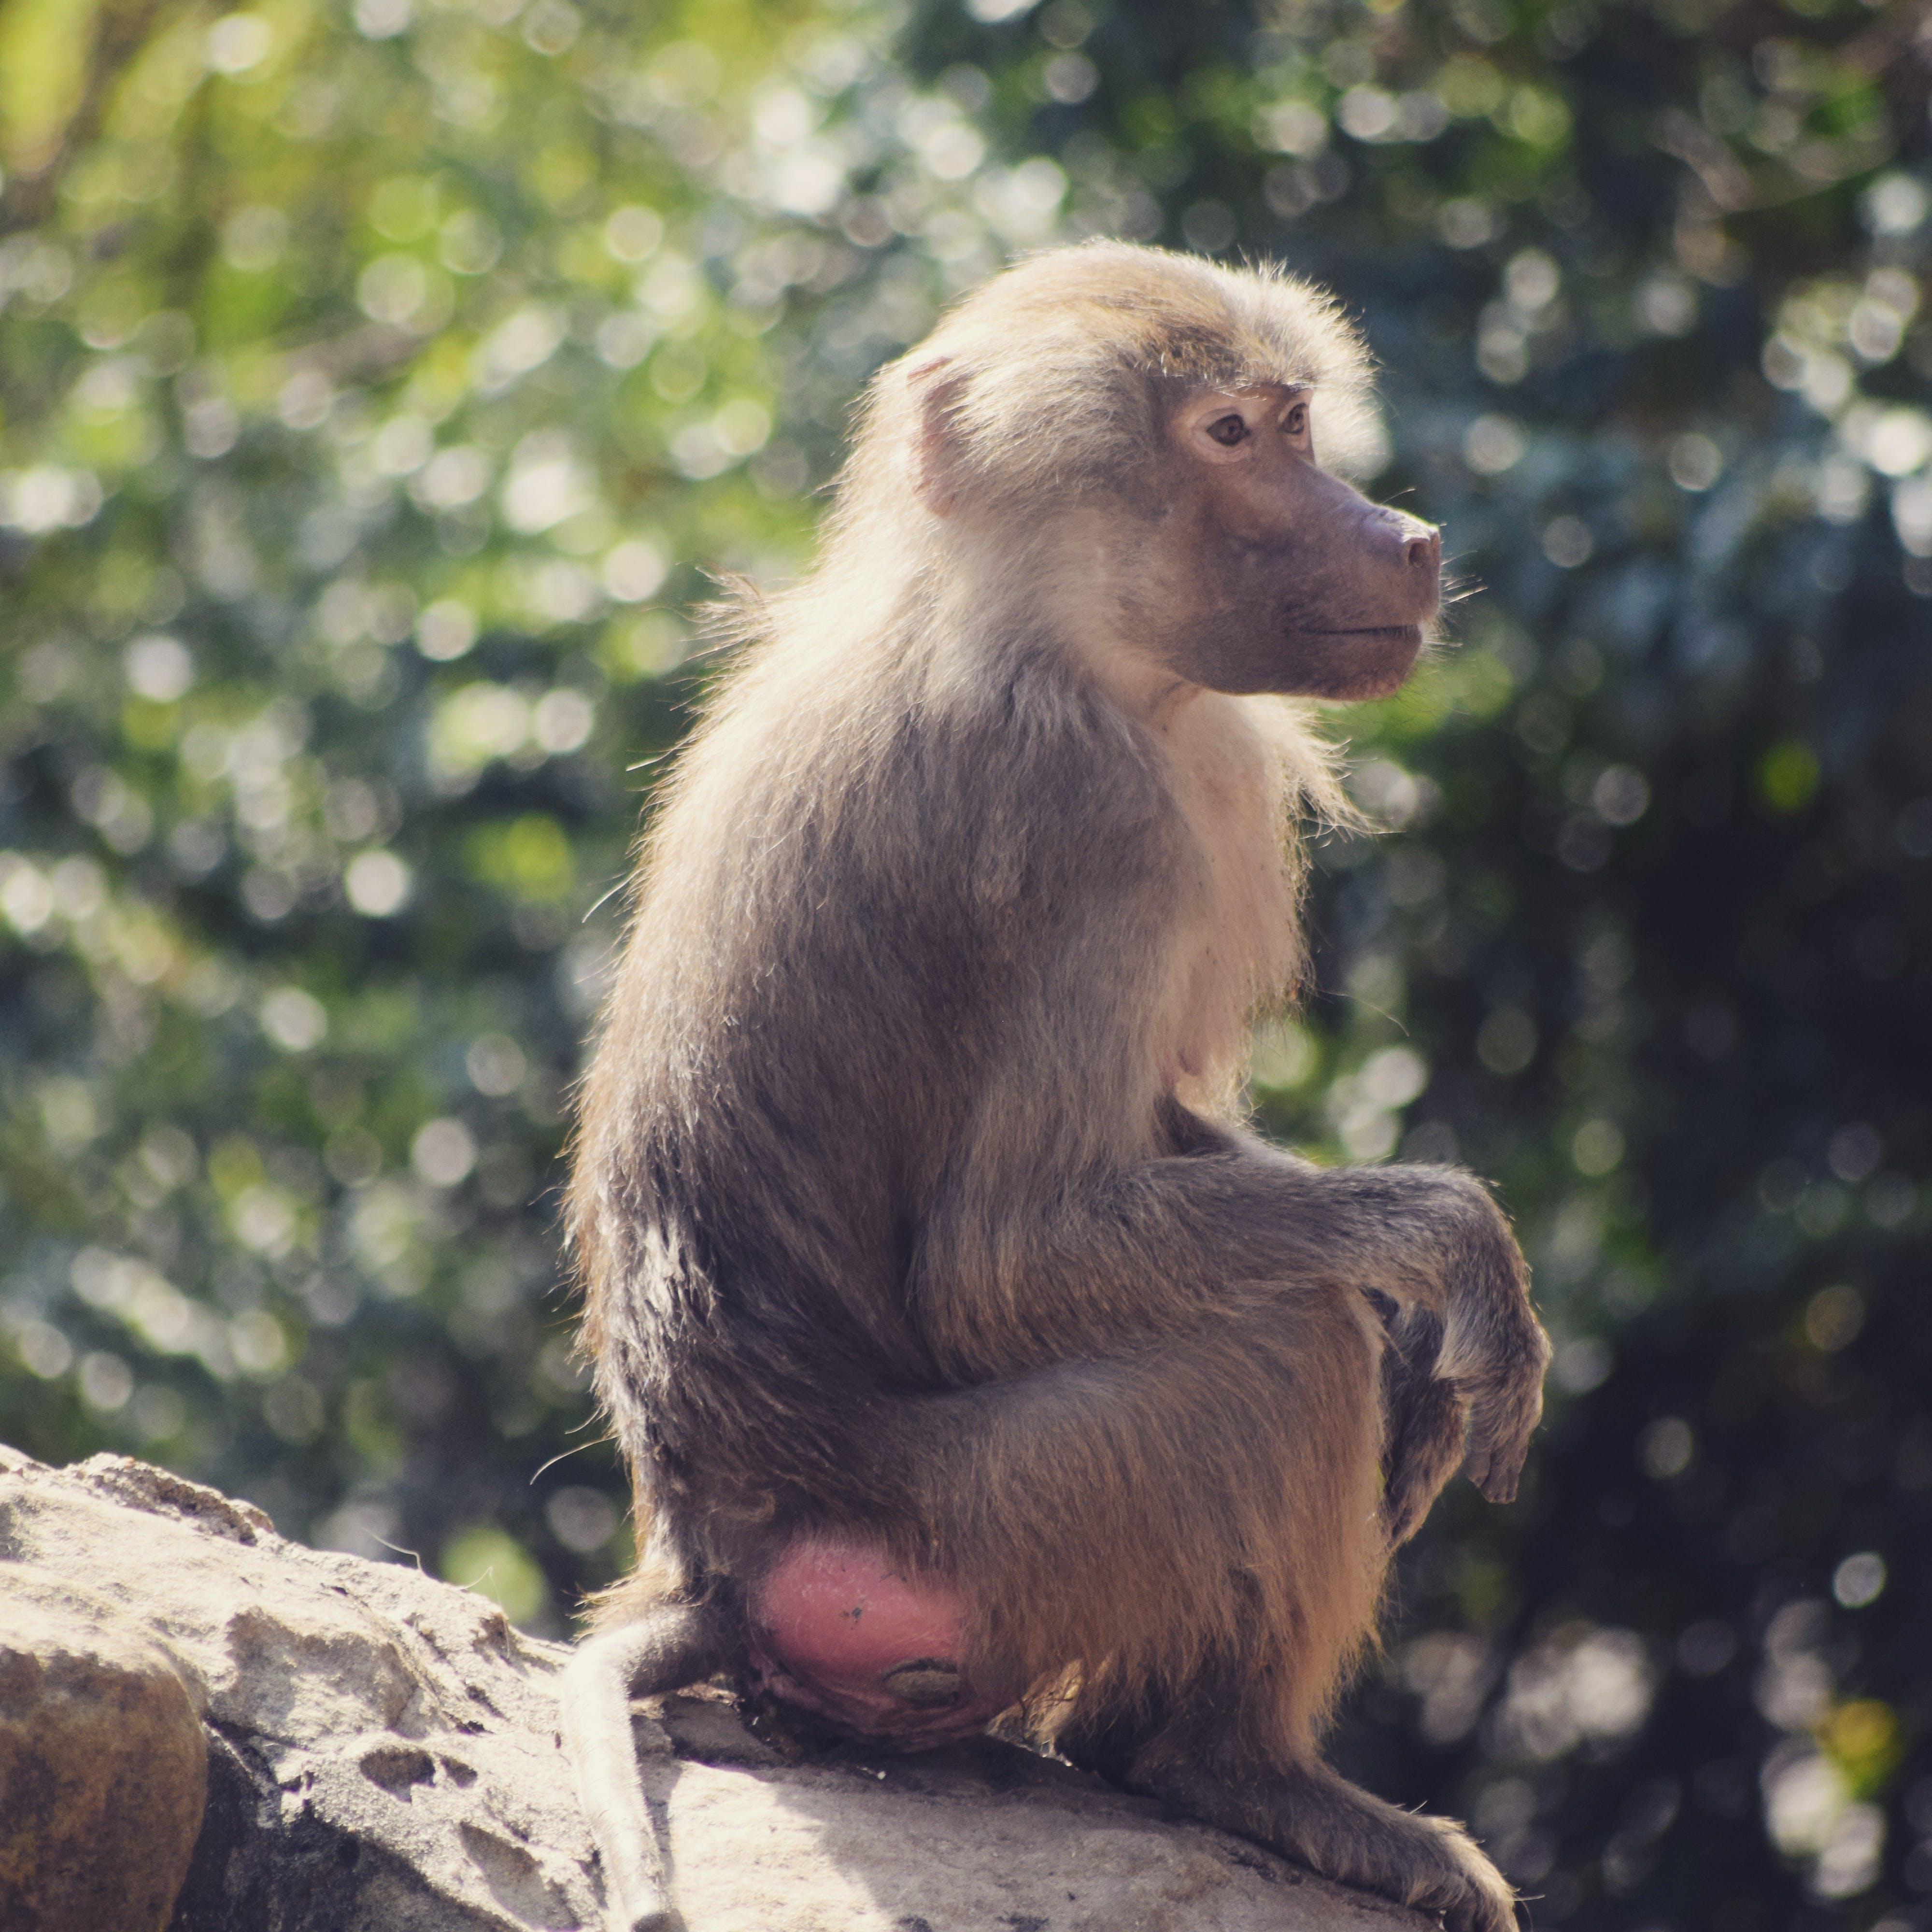 개코원숭이, 낮, 동물, 동물 사진의 무료 스톡 사진